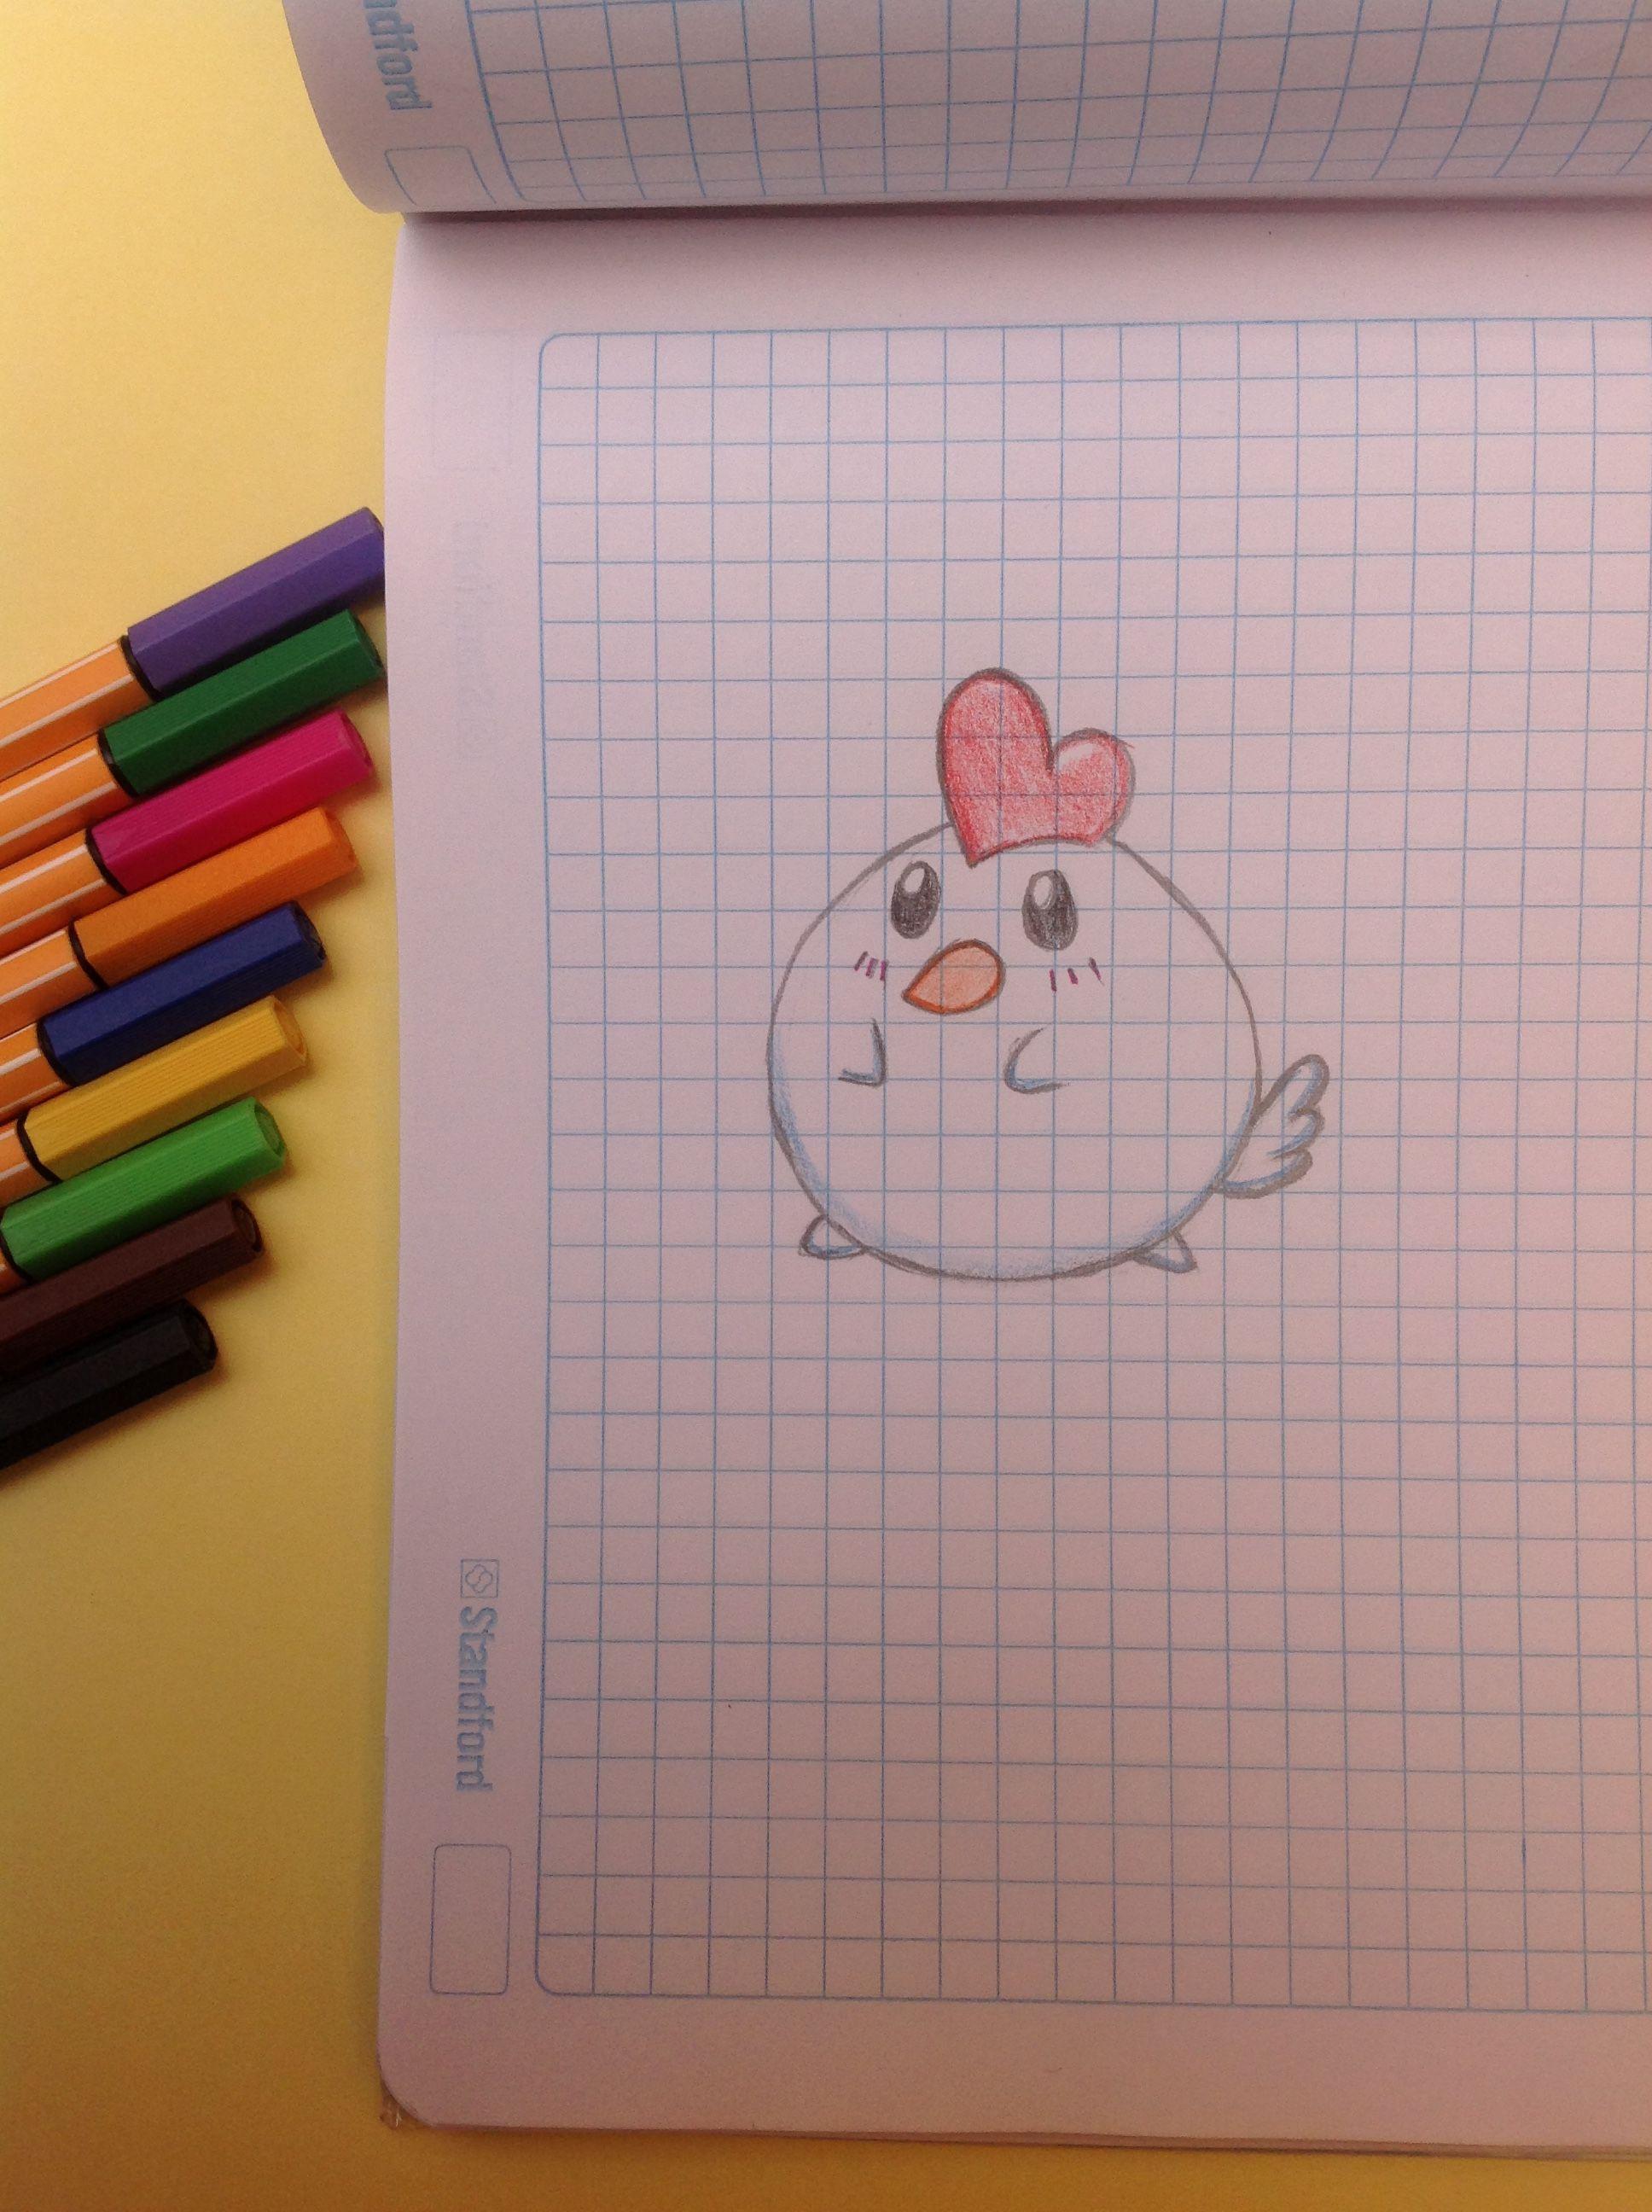 Como Dibujar Una Gallina Kawaii Como Dibujar Una Gallina Como Dibujar Kawaii